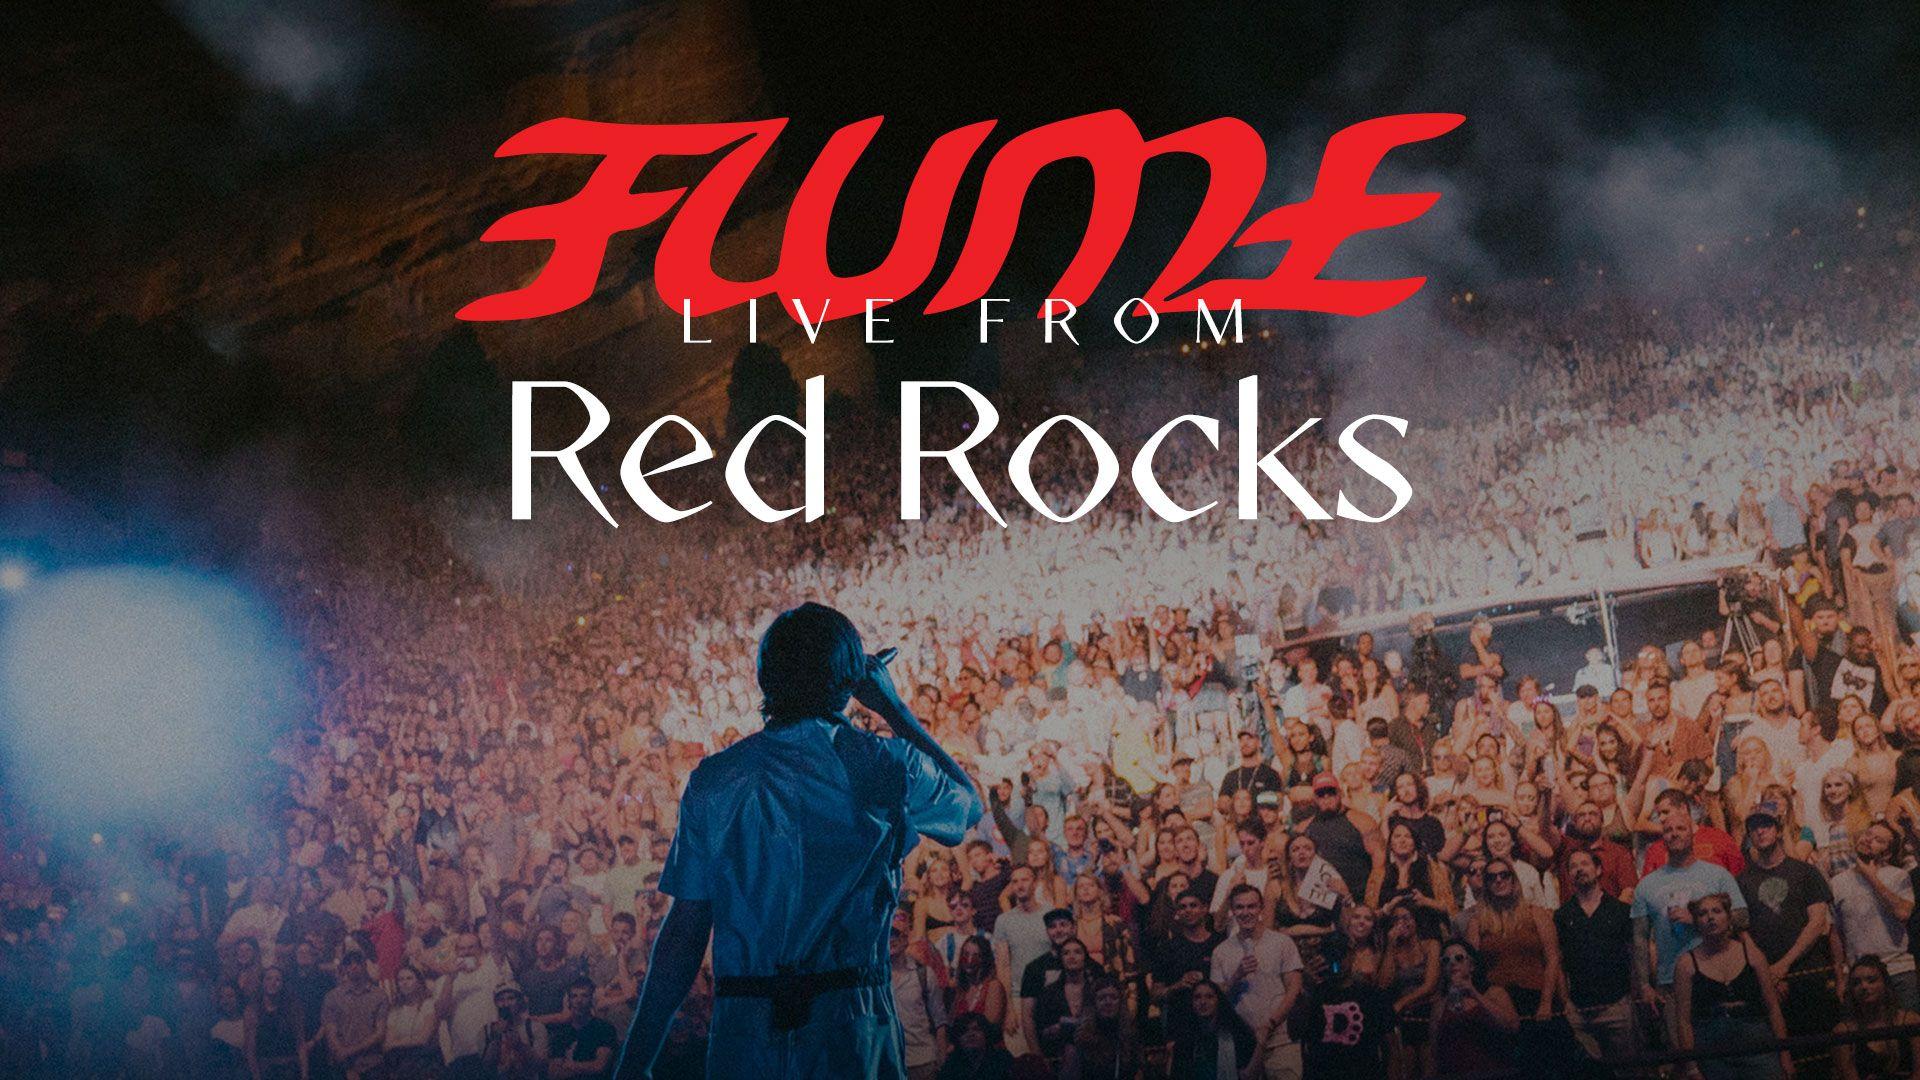 FLUME-RedRocks2019-1920x1080-Thumbnail-Photo-v1